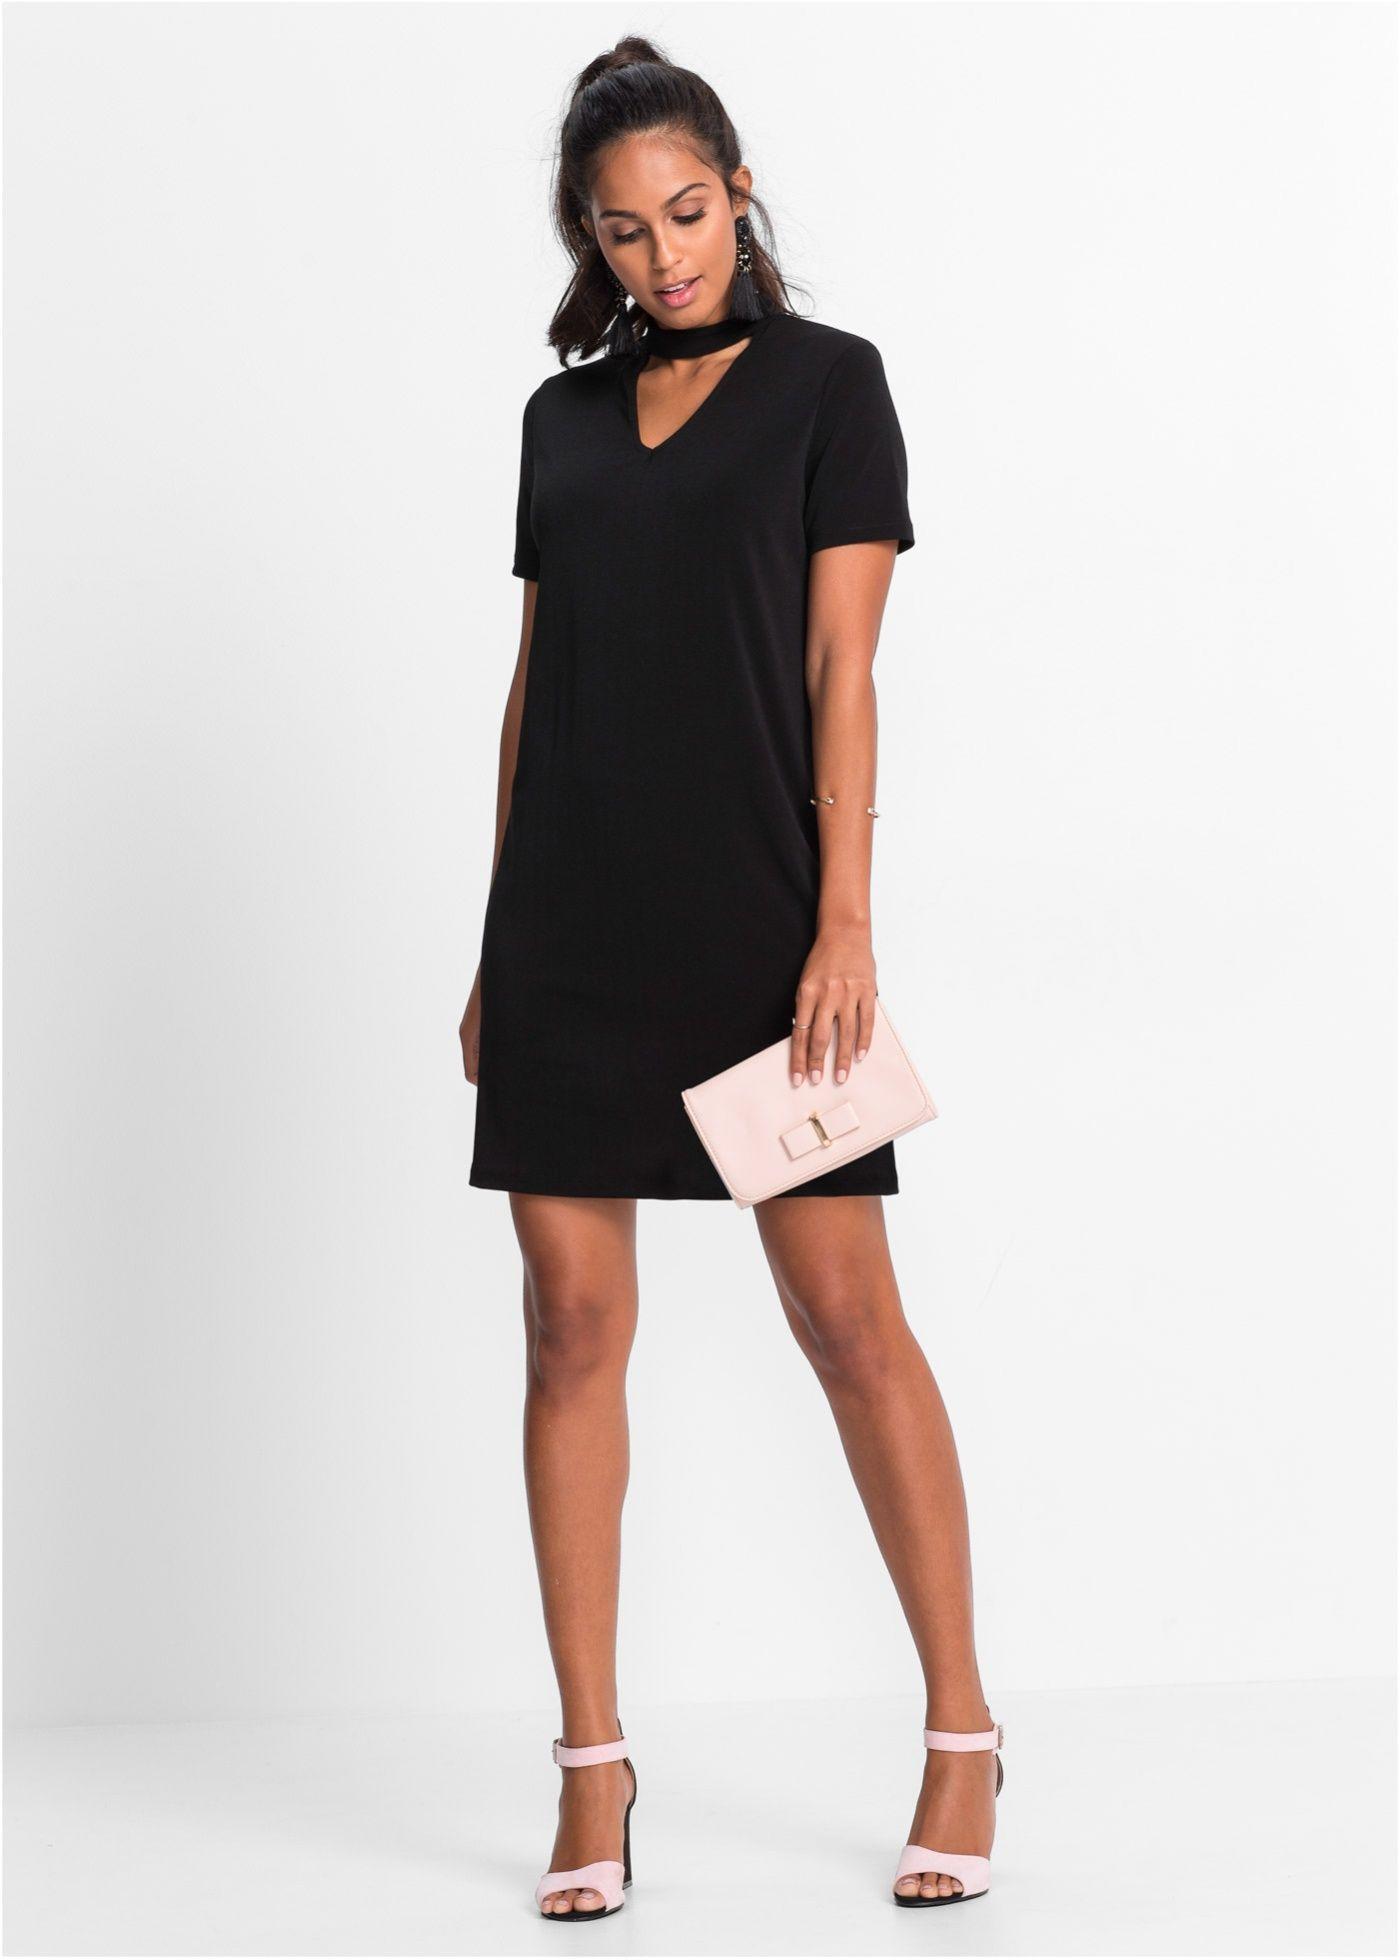 Feminines Kleid mit originellem Halsdetail | Ausschnitt, Online ...